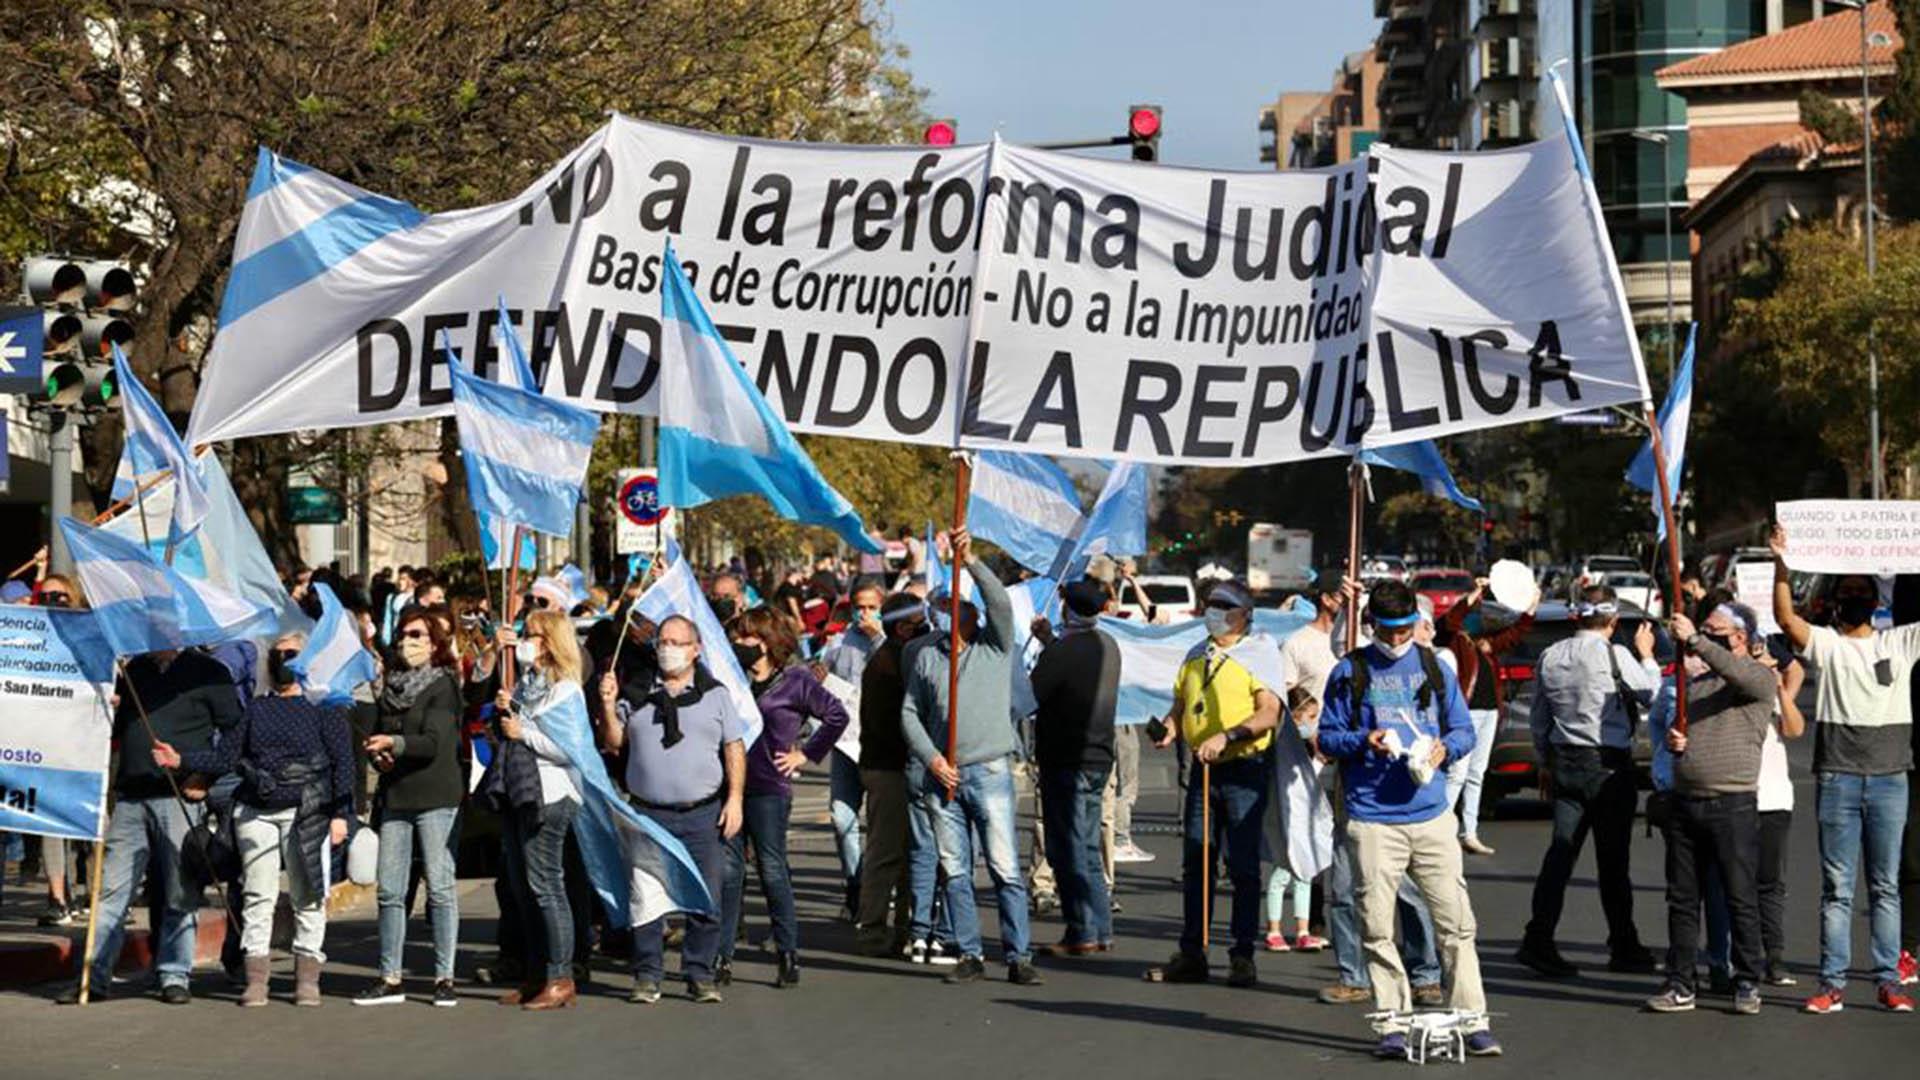 Al igual que en Capital Federal, en Córdoba las consignas del banderazo fueron la defensa de las instituciones y el rechazo a la reforma judicial impulsada por el gobierno nacional (Mario Sar)